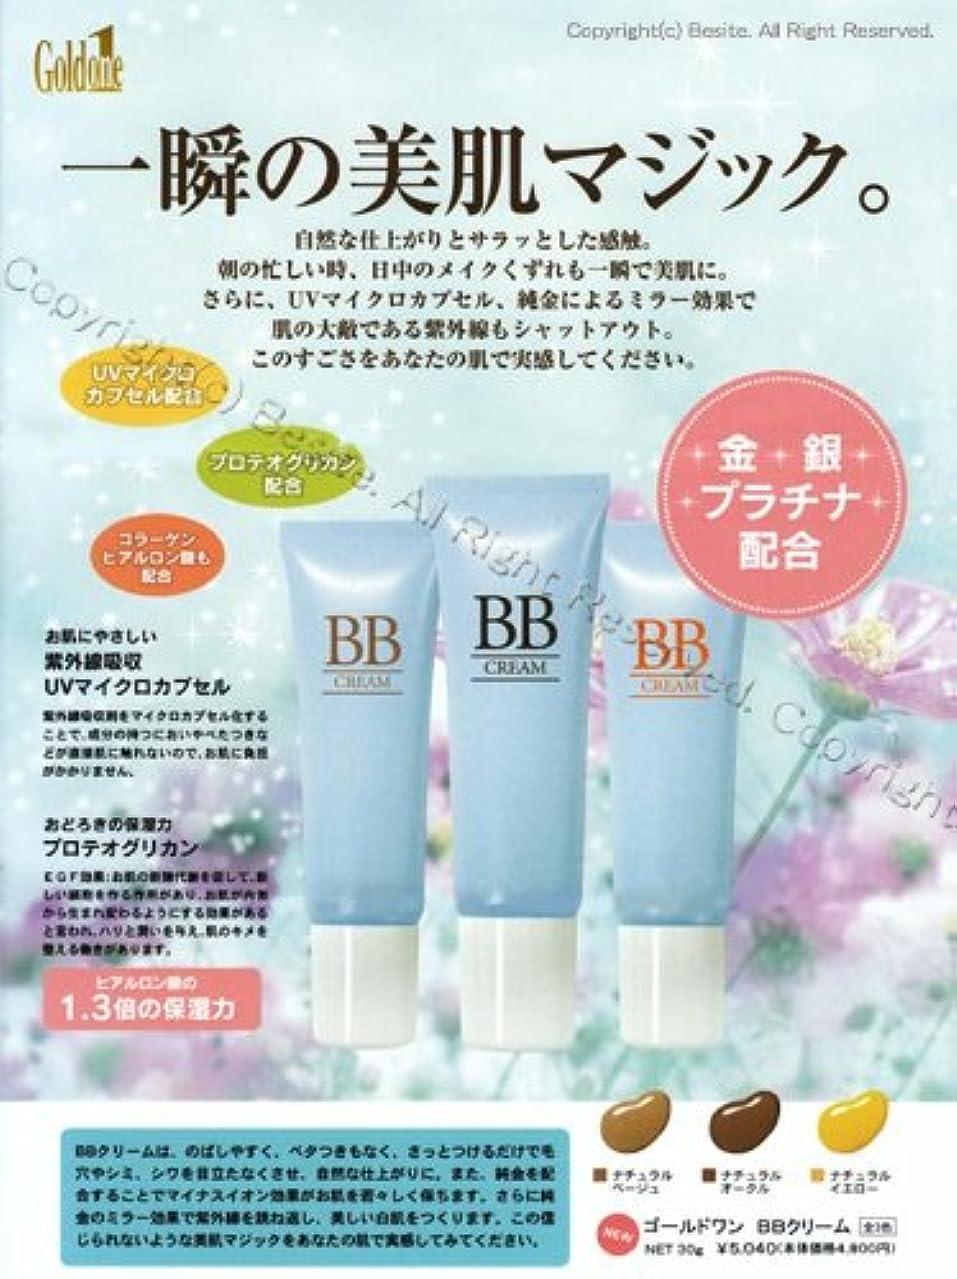 きらめくもっと少なくファンブル『 ゴールドワン BBクリーム 』 一瞬の美肌マジック 紫外線対策 UV対策 顔のしわ隠し 顔のシミ隠し 100% 無添加  ?日本製? (ナチュラルイエロー)